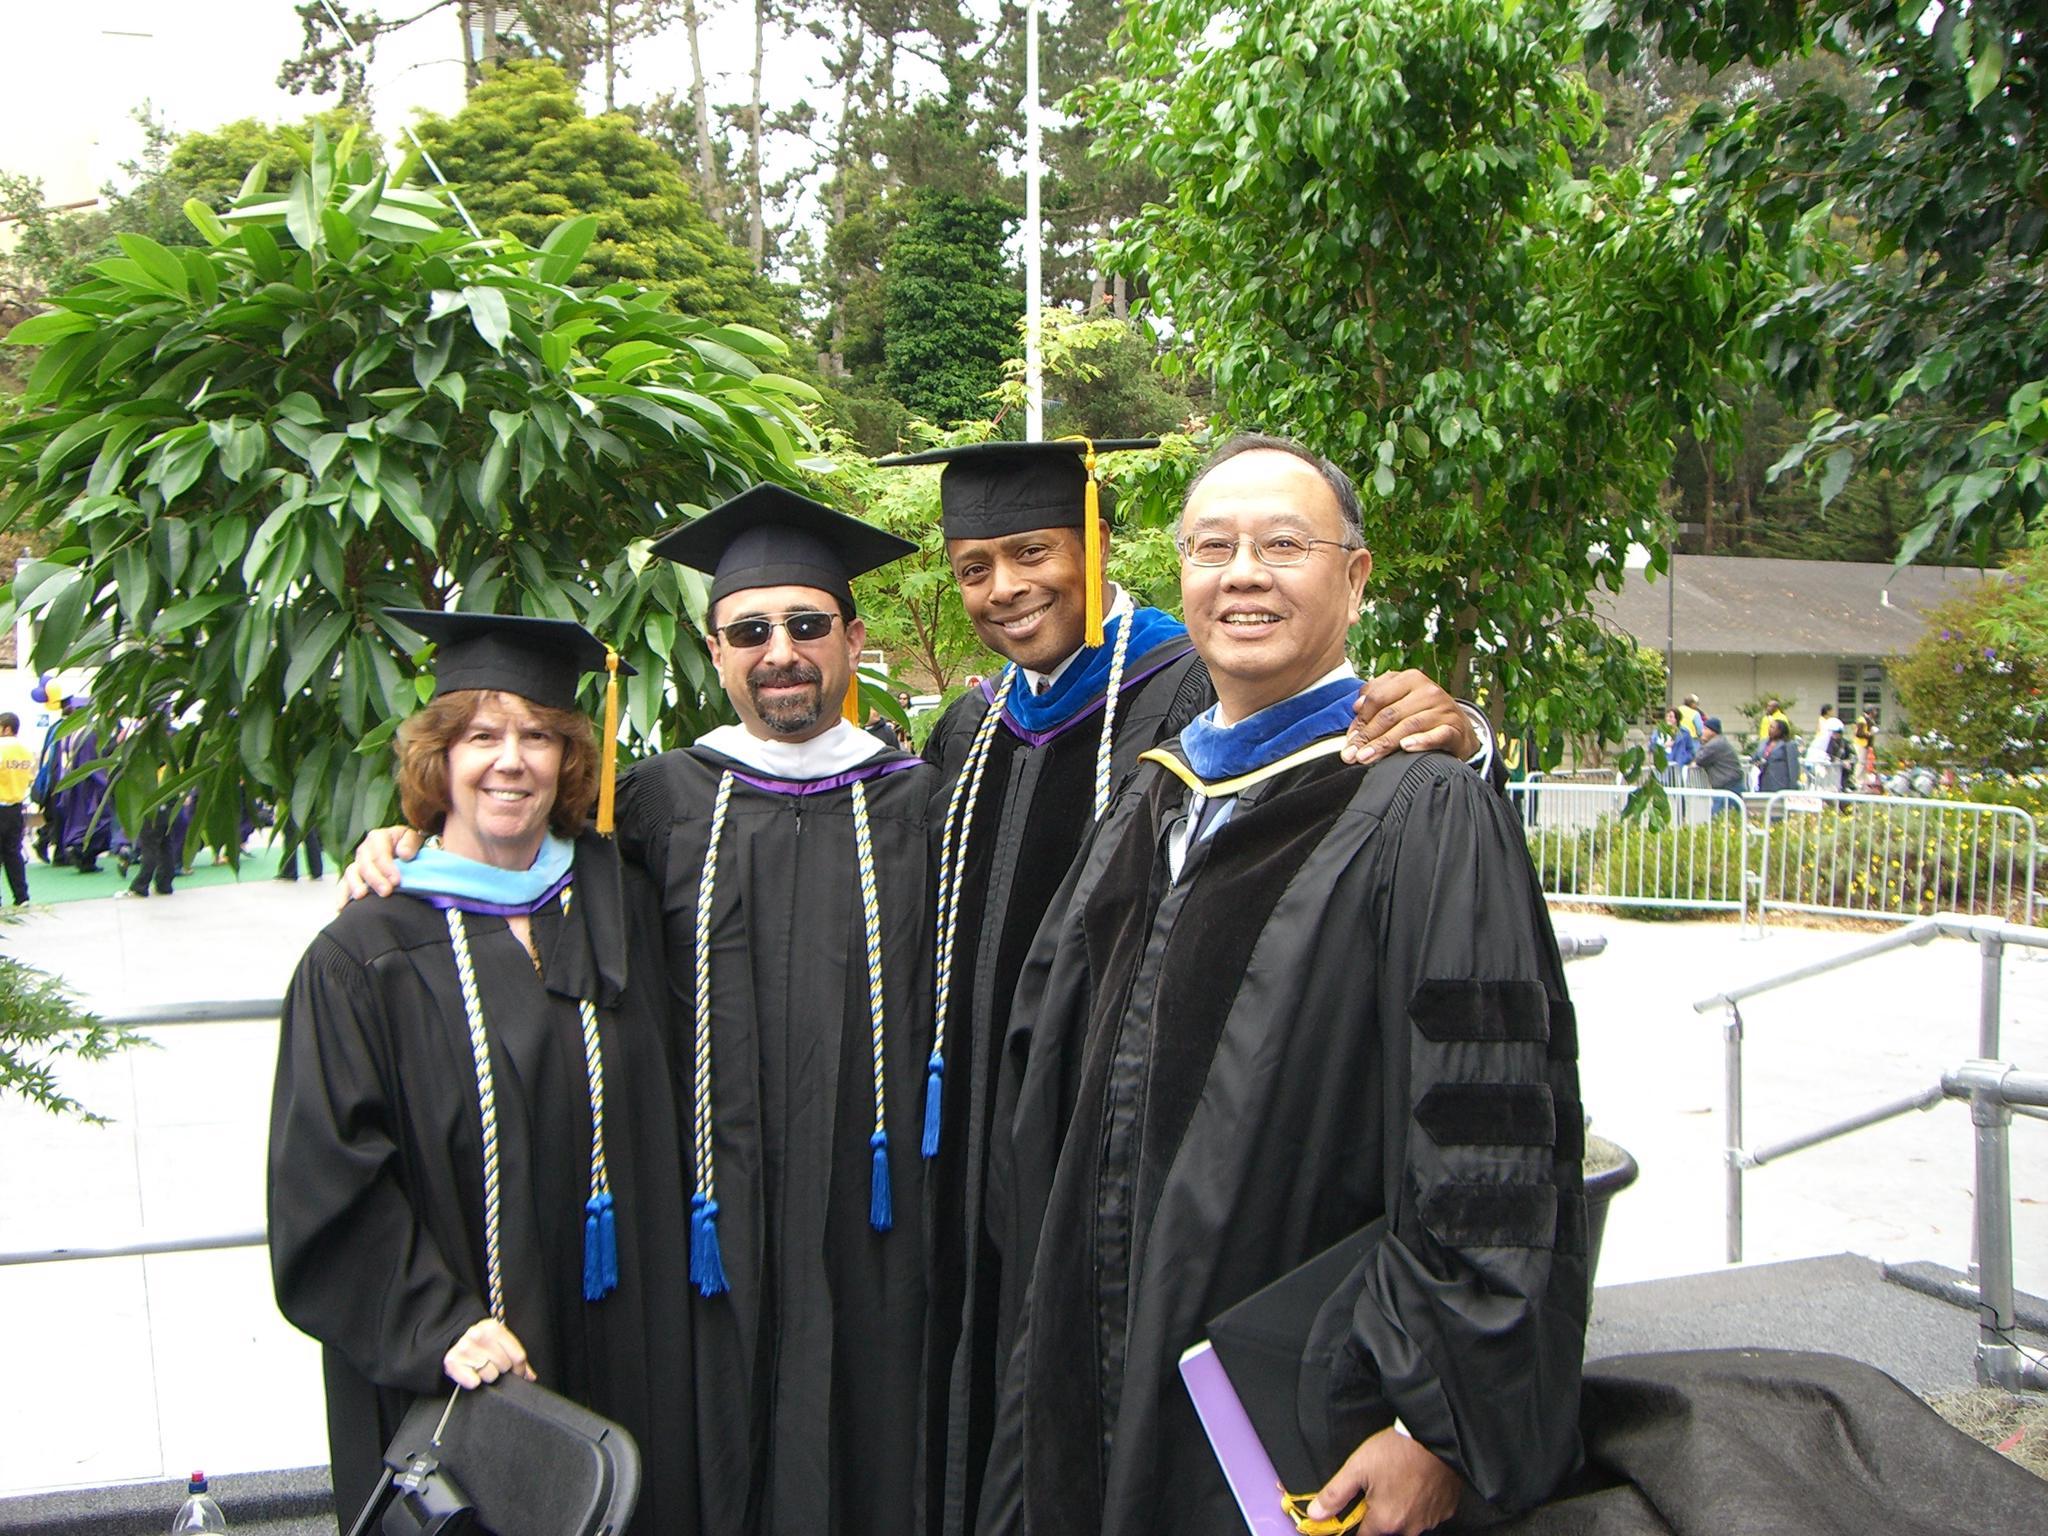 程萬里校長獲頒美國舊金山州立大學 榮譽退休院長及榮譽退休教授